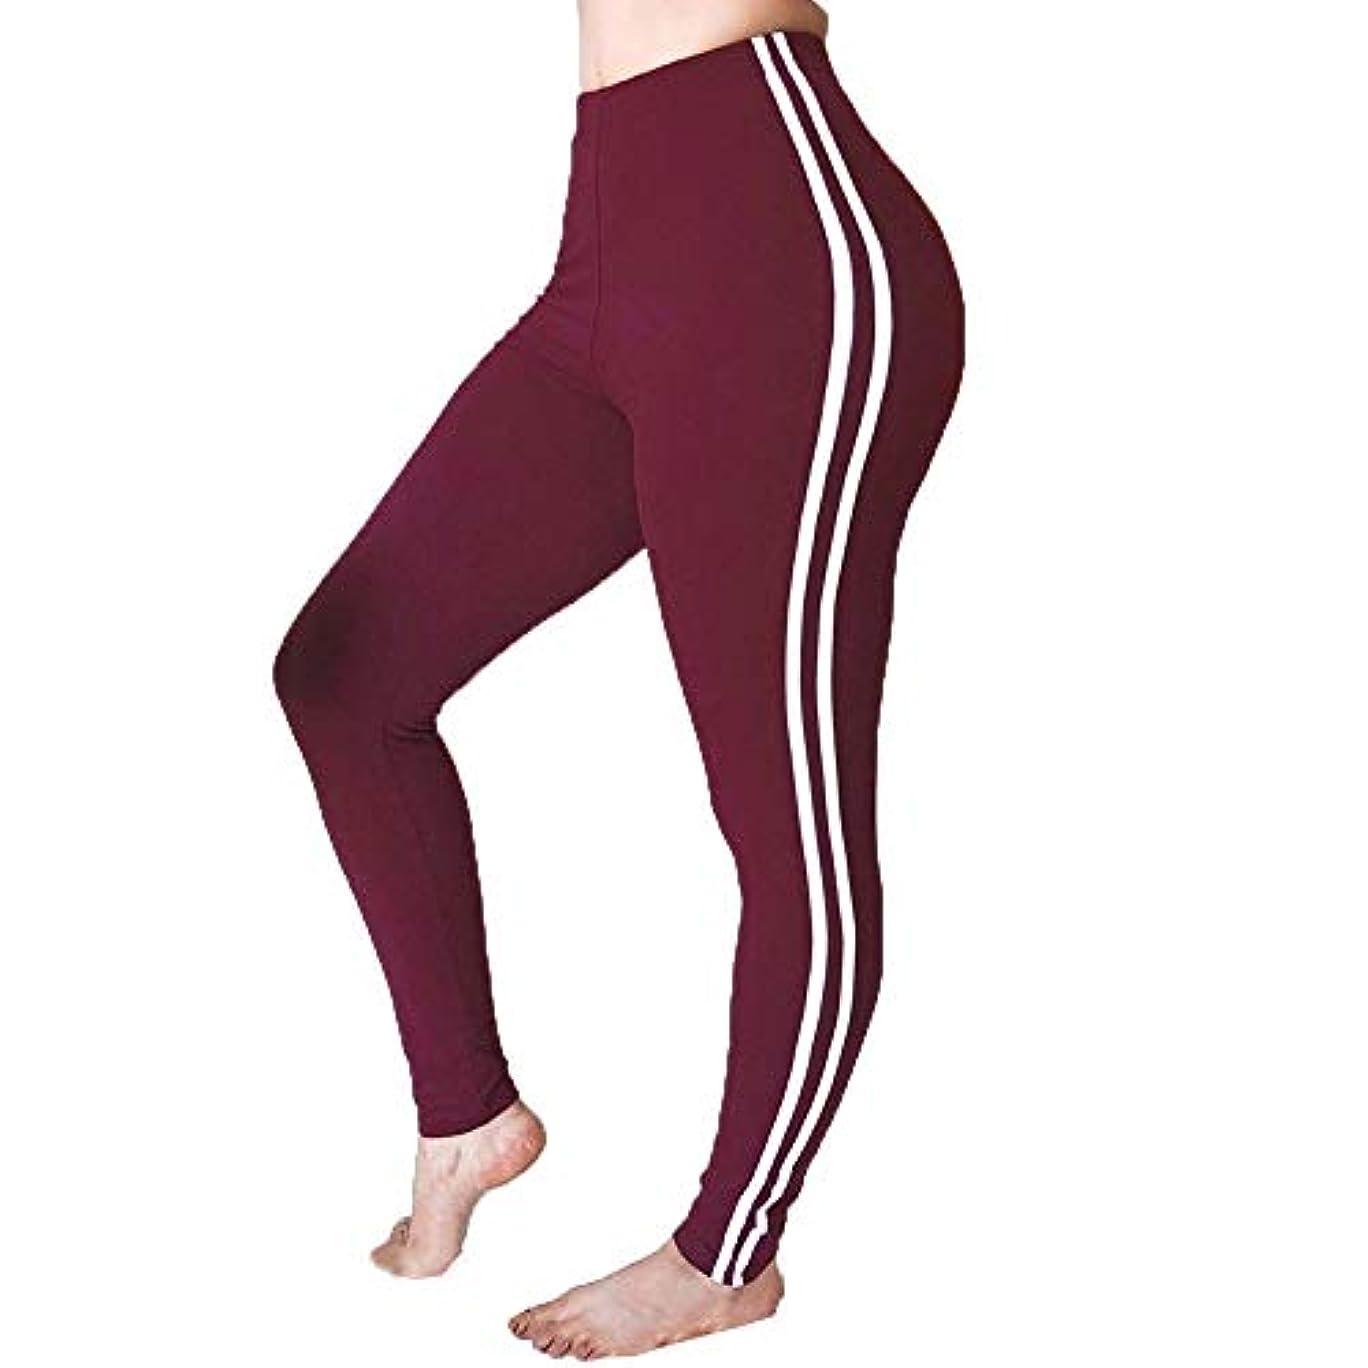 マイルド染料侵入MIFAN 女性パンツ、ロングパンツ、ハイウエストパンツ、スポーツパンツ、スキニーパンツ、ヨガパンツ、